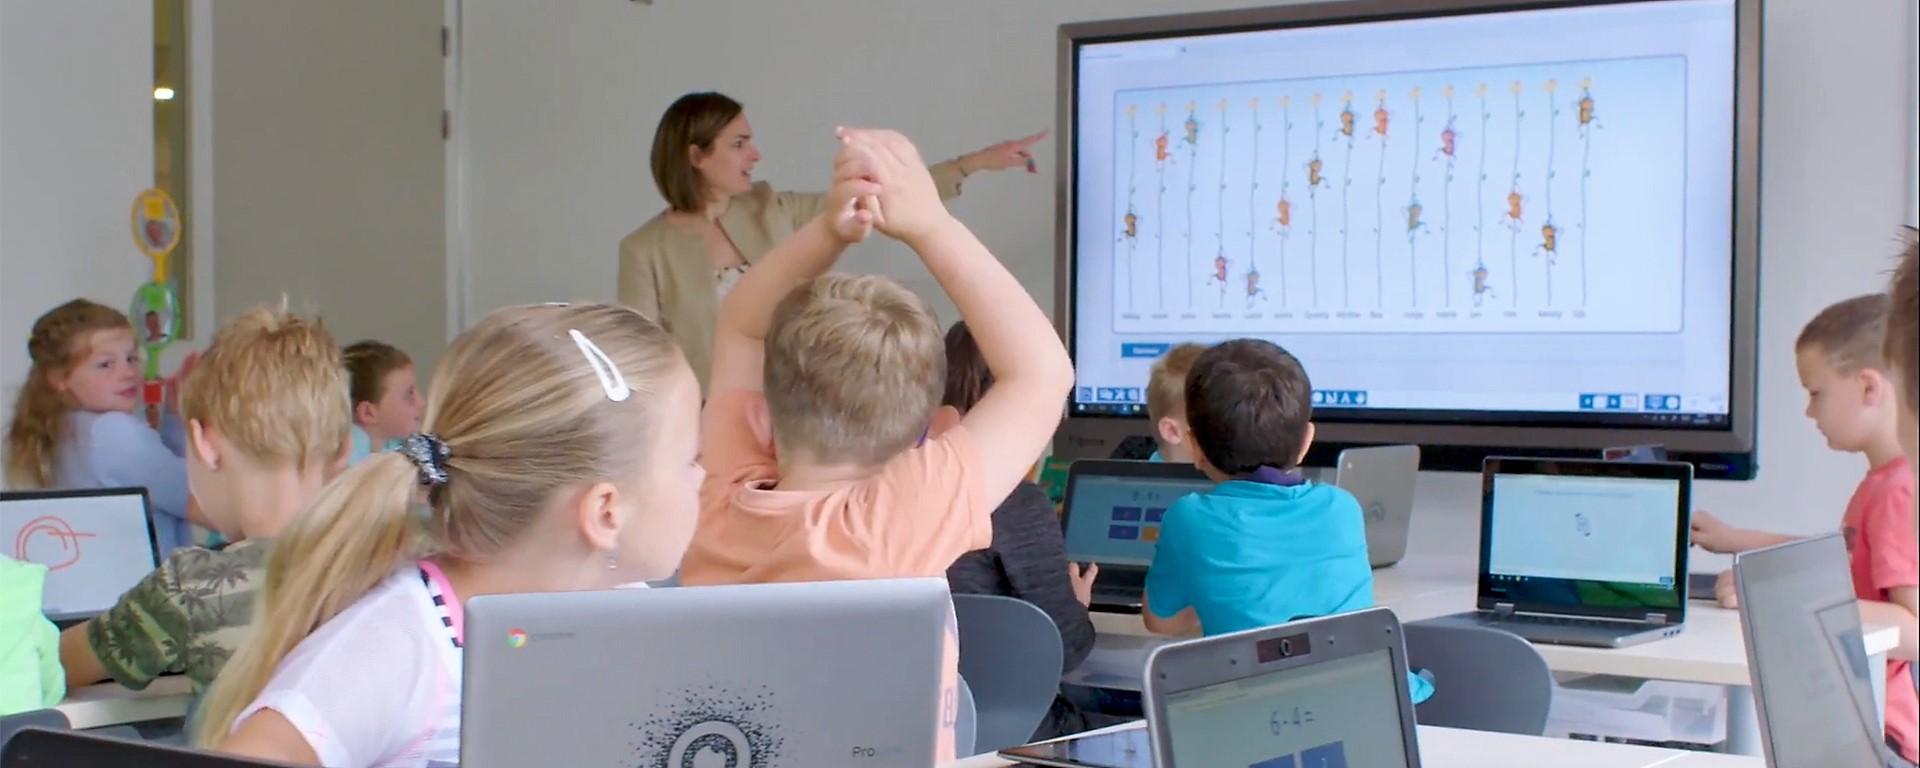 Fleksibel opplæringsplattform!